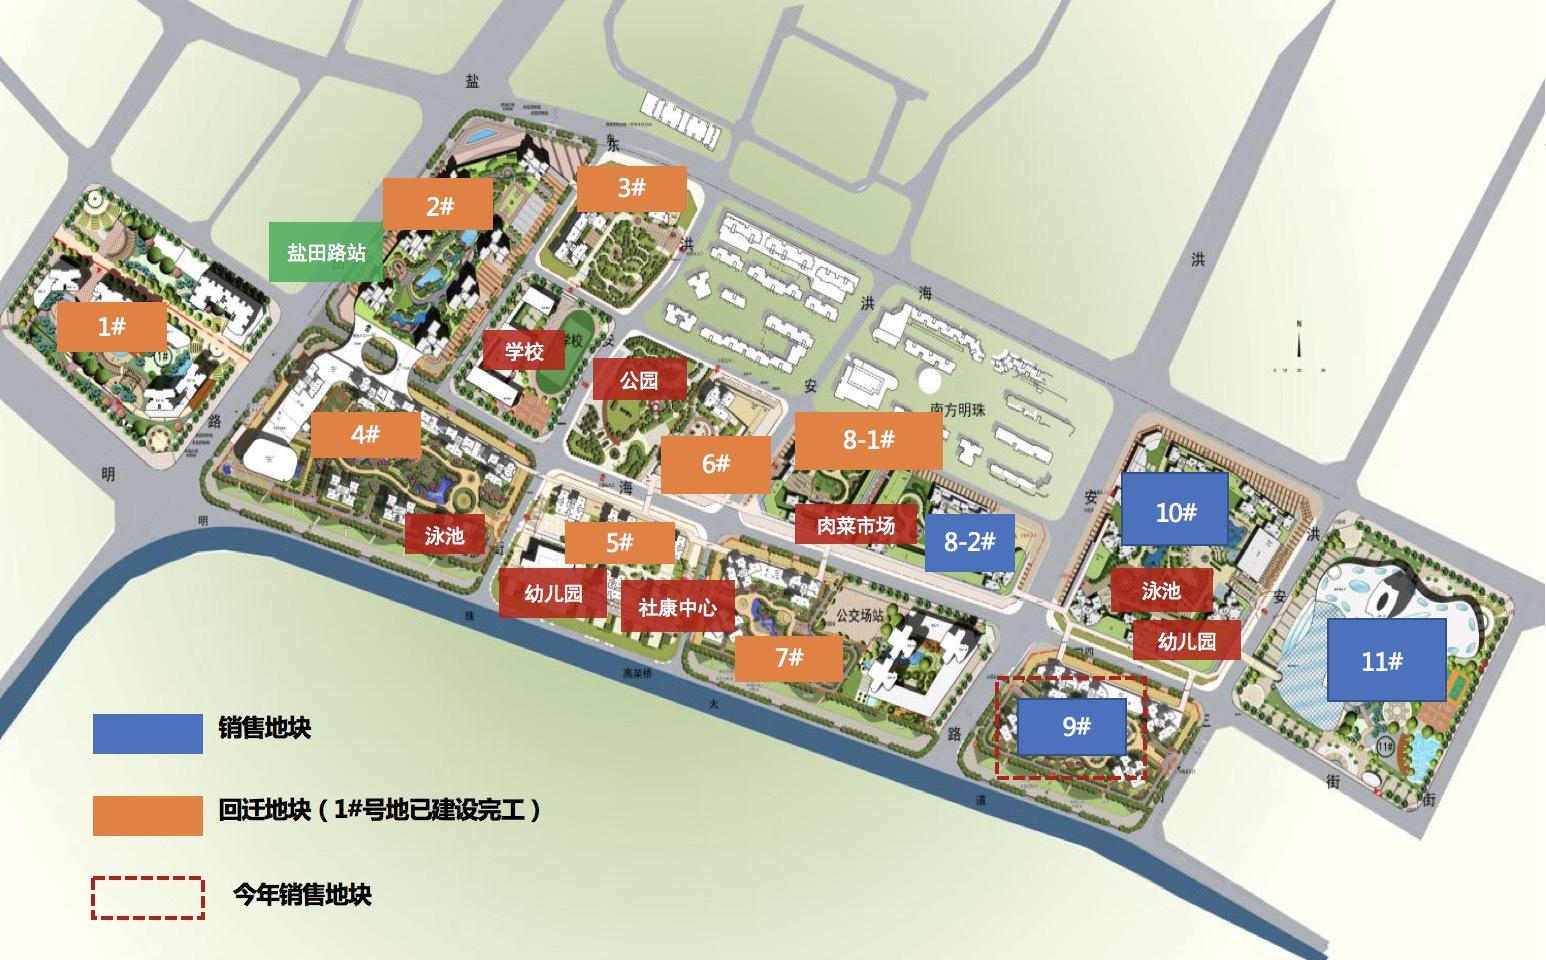 深圳市各区gdp_深圳市各区地图全图